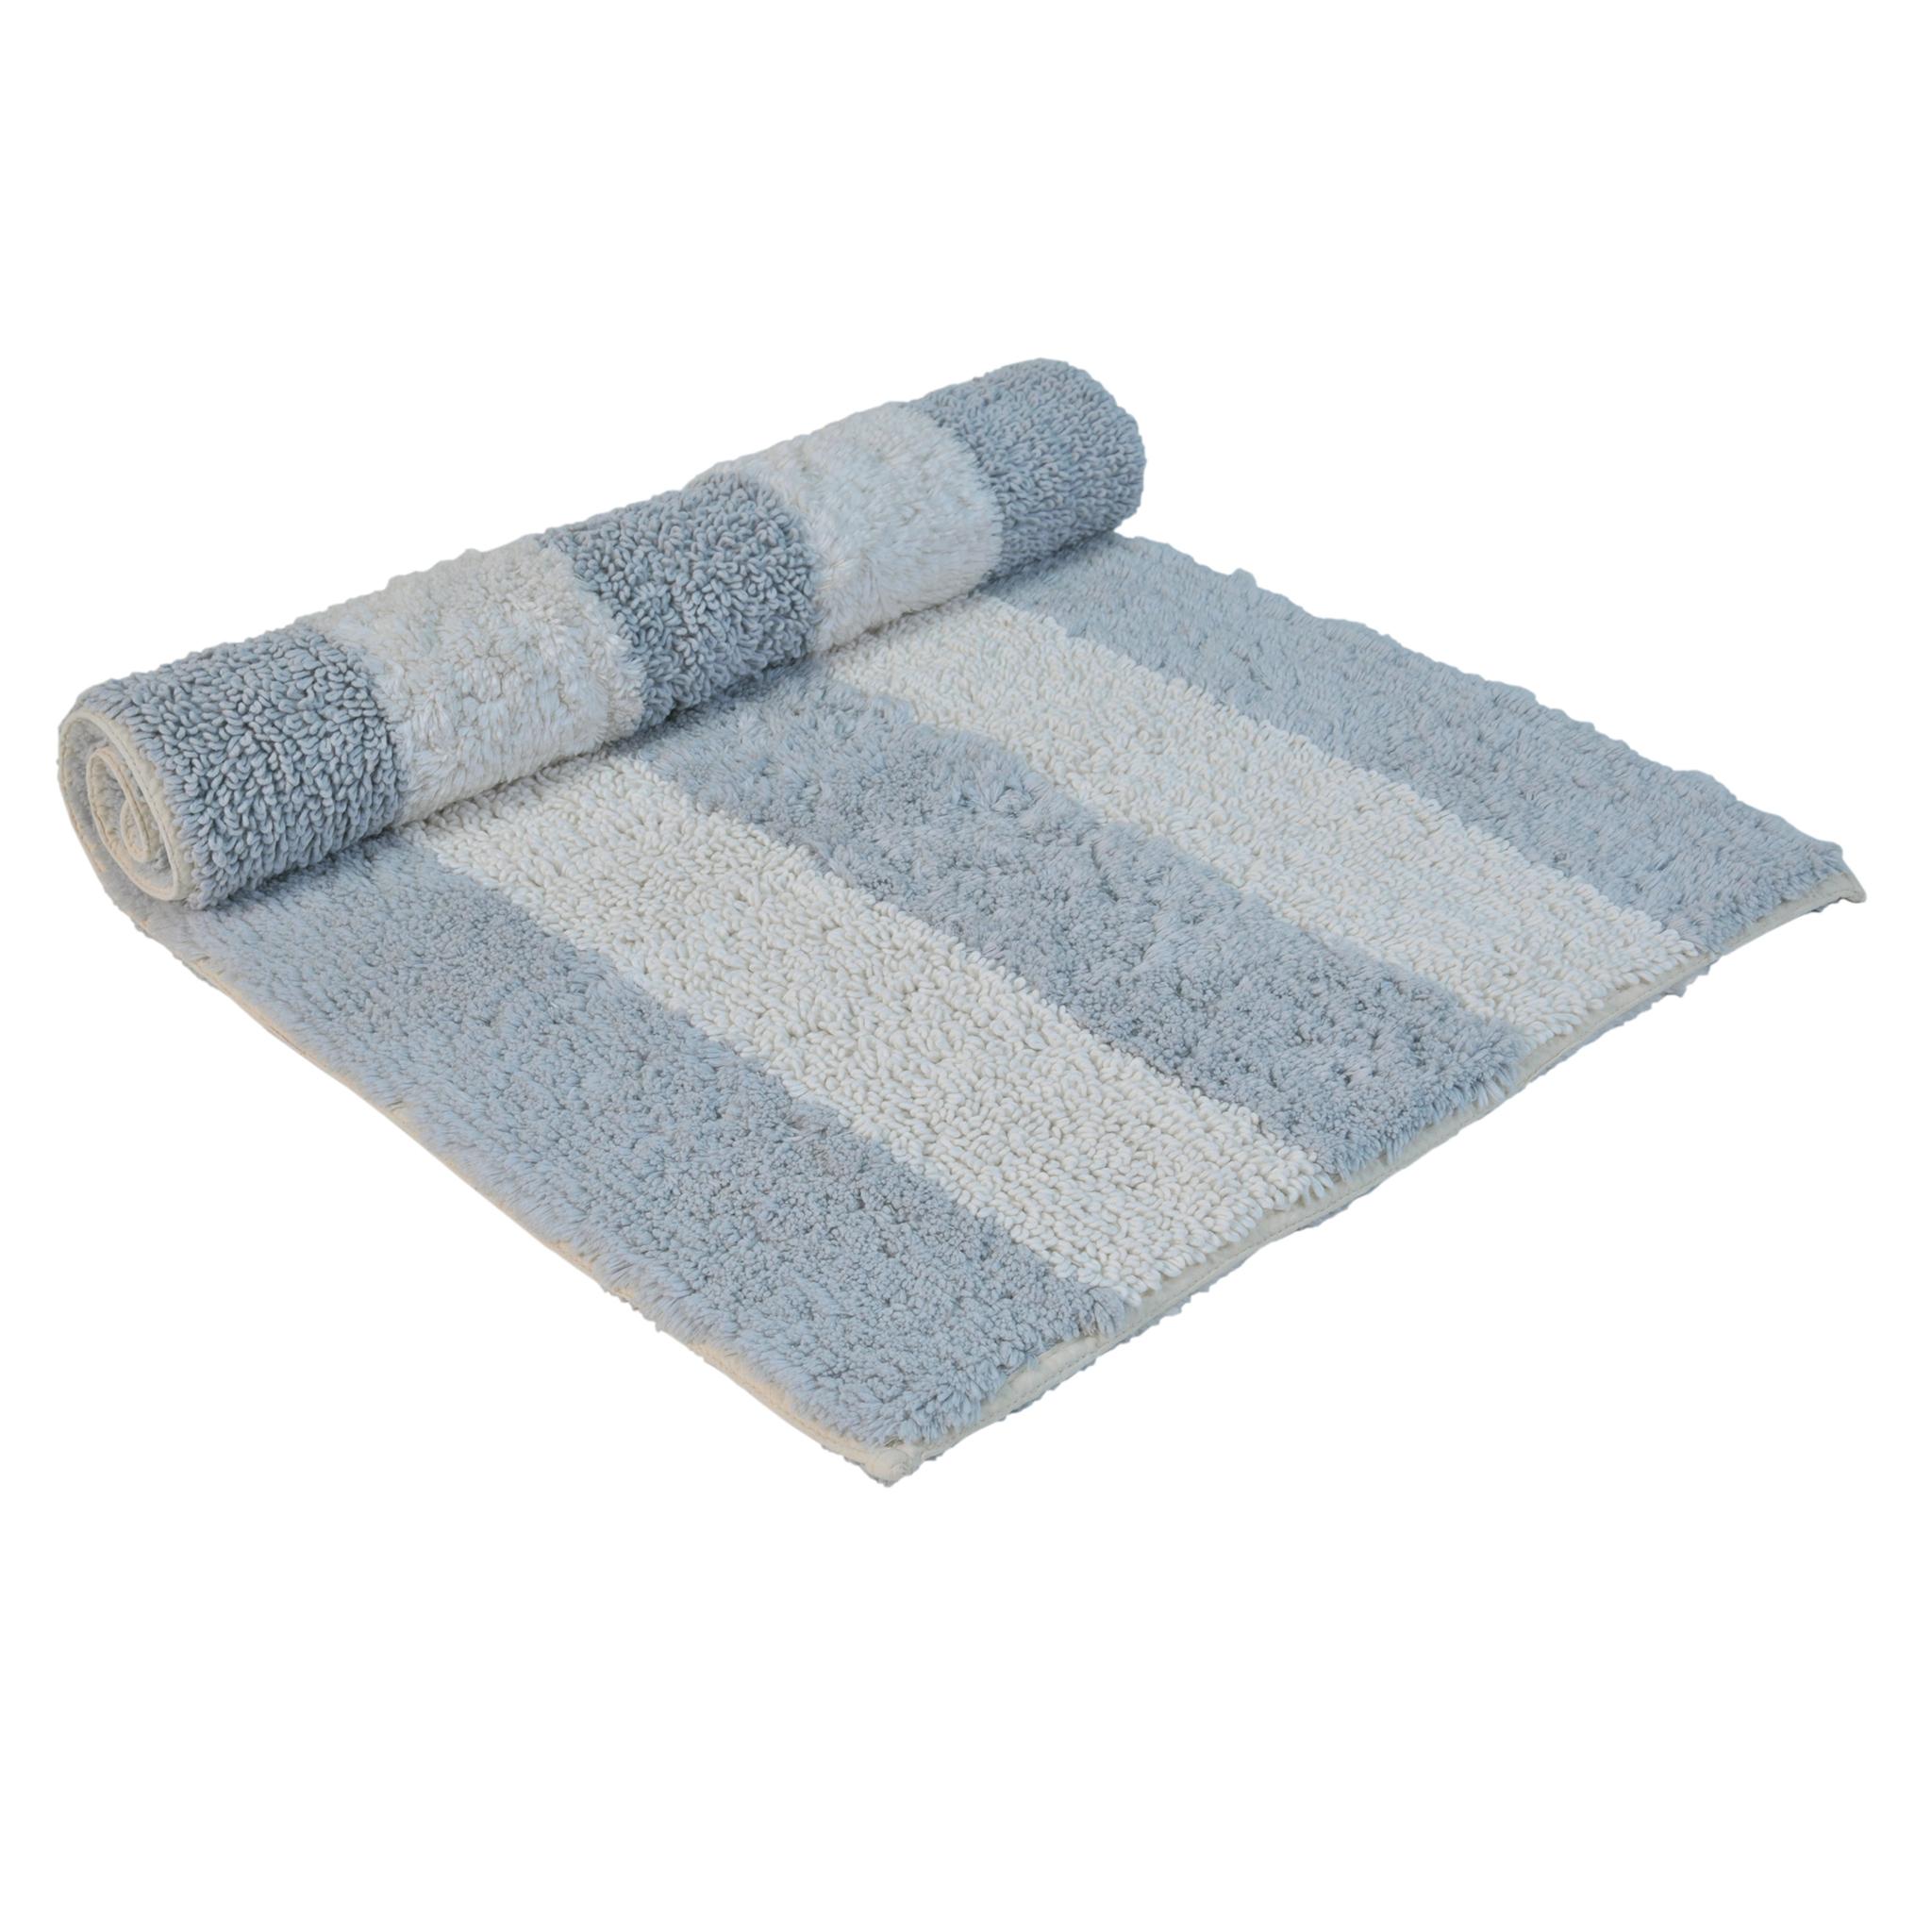 Коврики для ванной Элитный коврик для ванной Newport слоновая кость/голубой от Casual Avenue elitnyy-kovrik-dlya-vannoy-newport-slonovaya-kostgoluboy-ot-casual-avenue-turtsiya.jpg